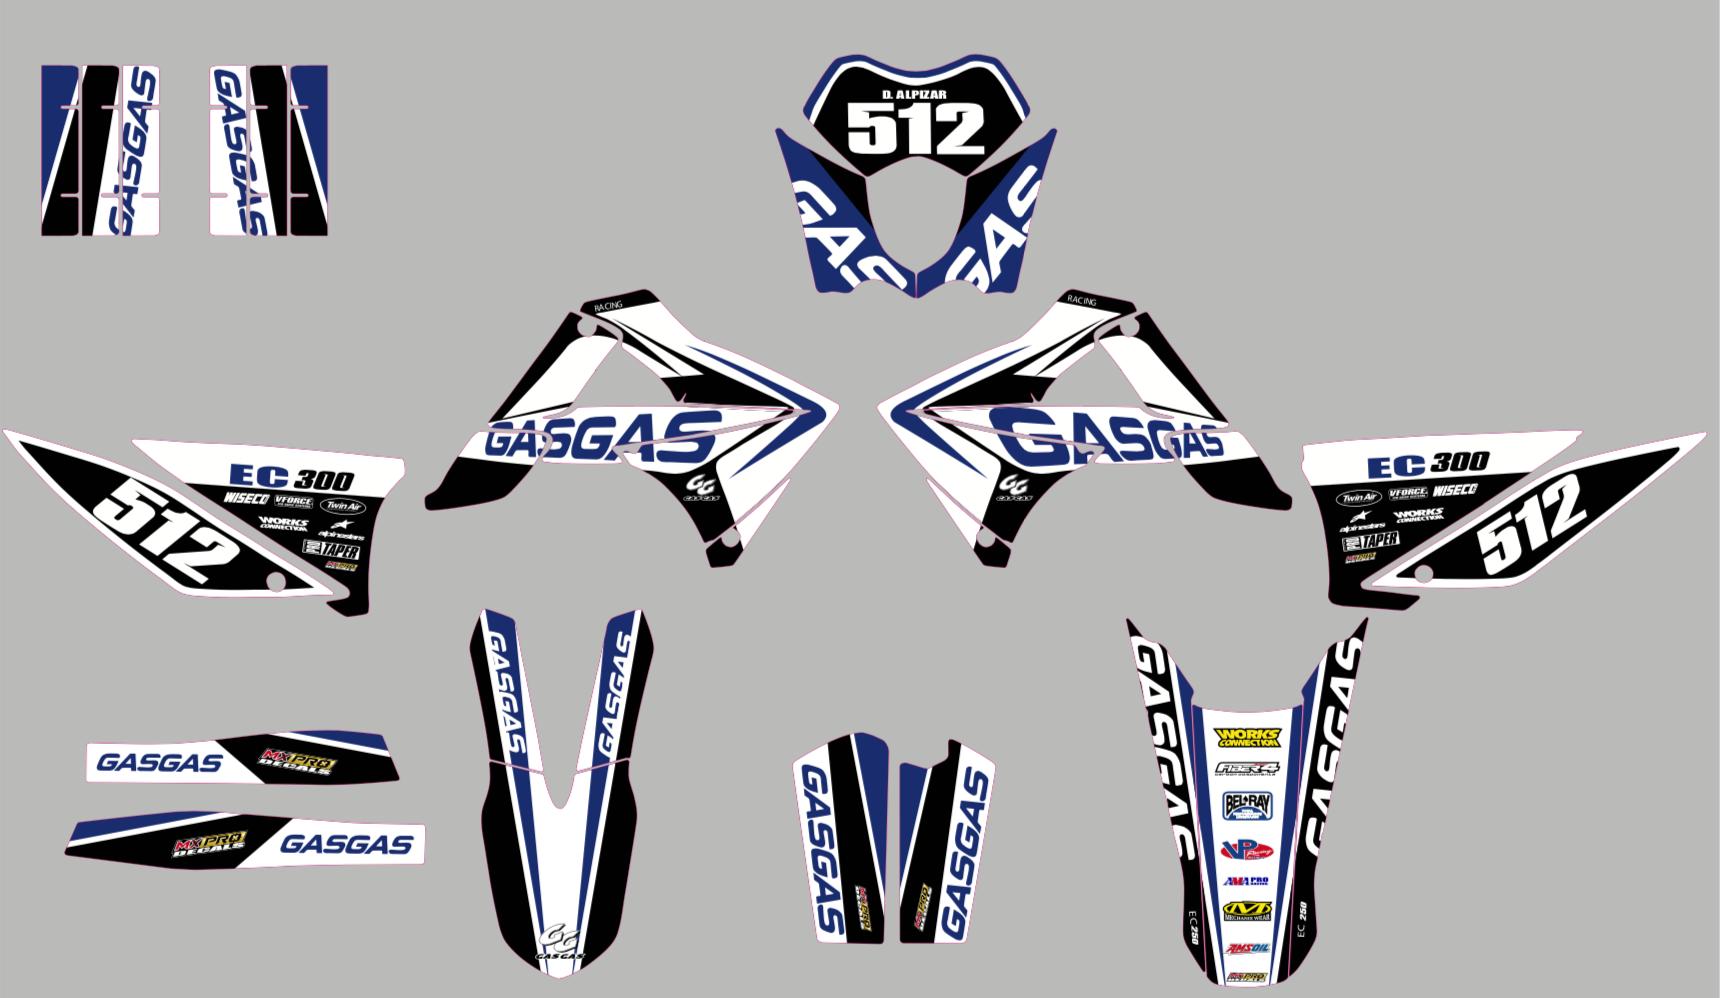 Grafiche-personalizzate-GASGAS-EC-250-F-RiMotoShop-Standard miniatura 5